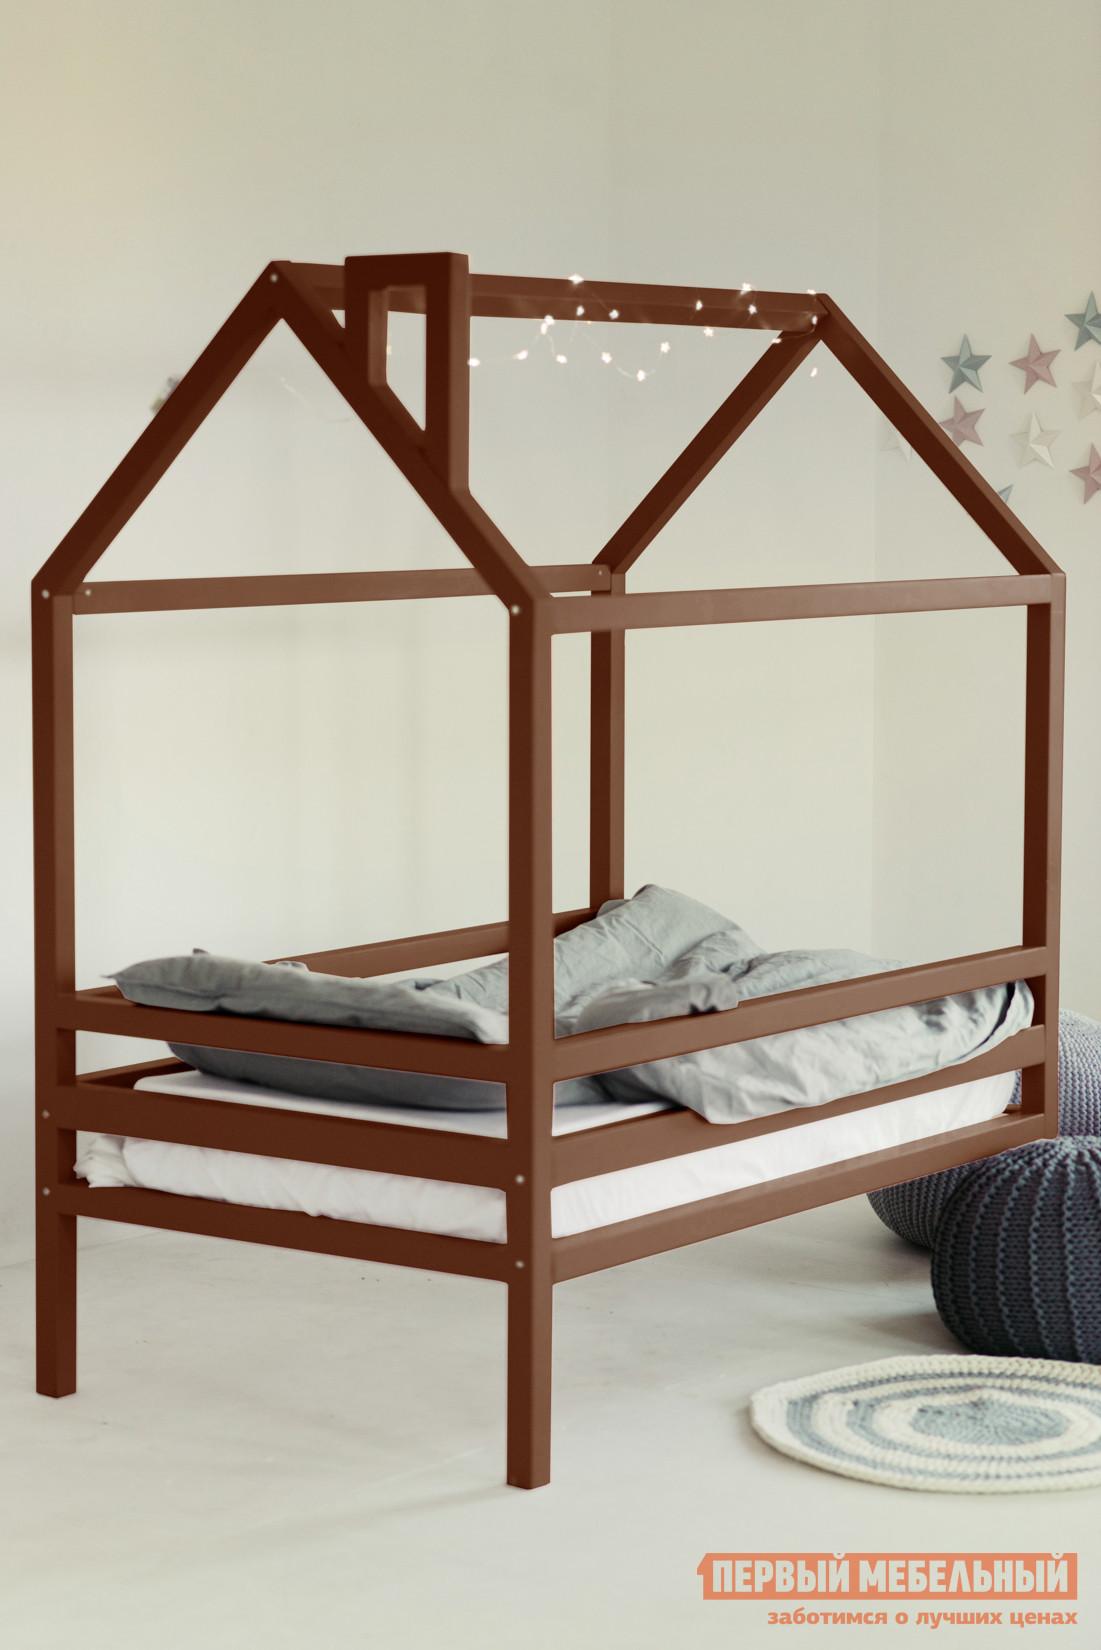 Детская кровать-домик АндерСон Дрима Н детская кровать домик андерсон дрима base